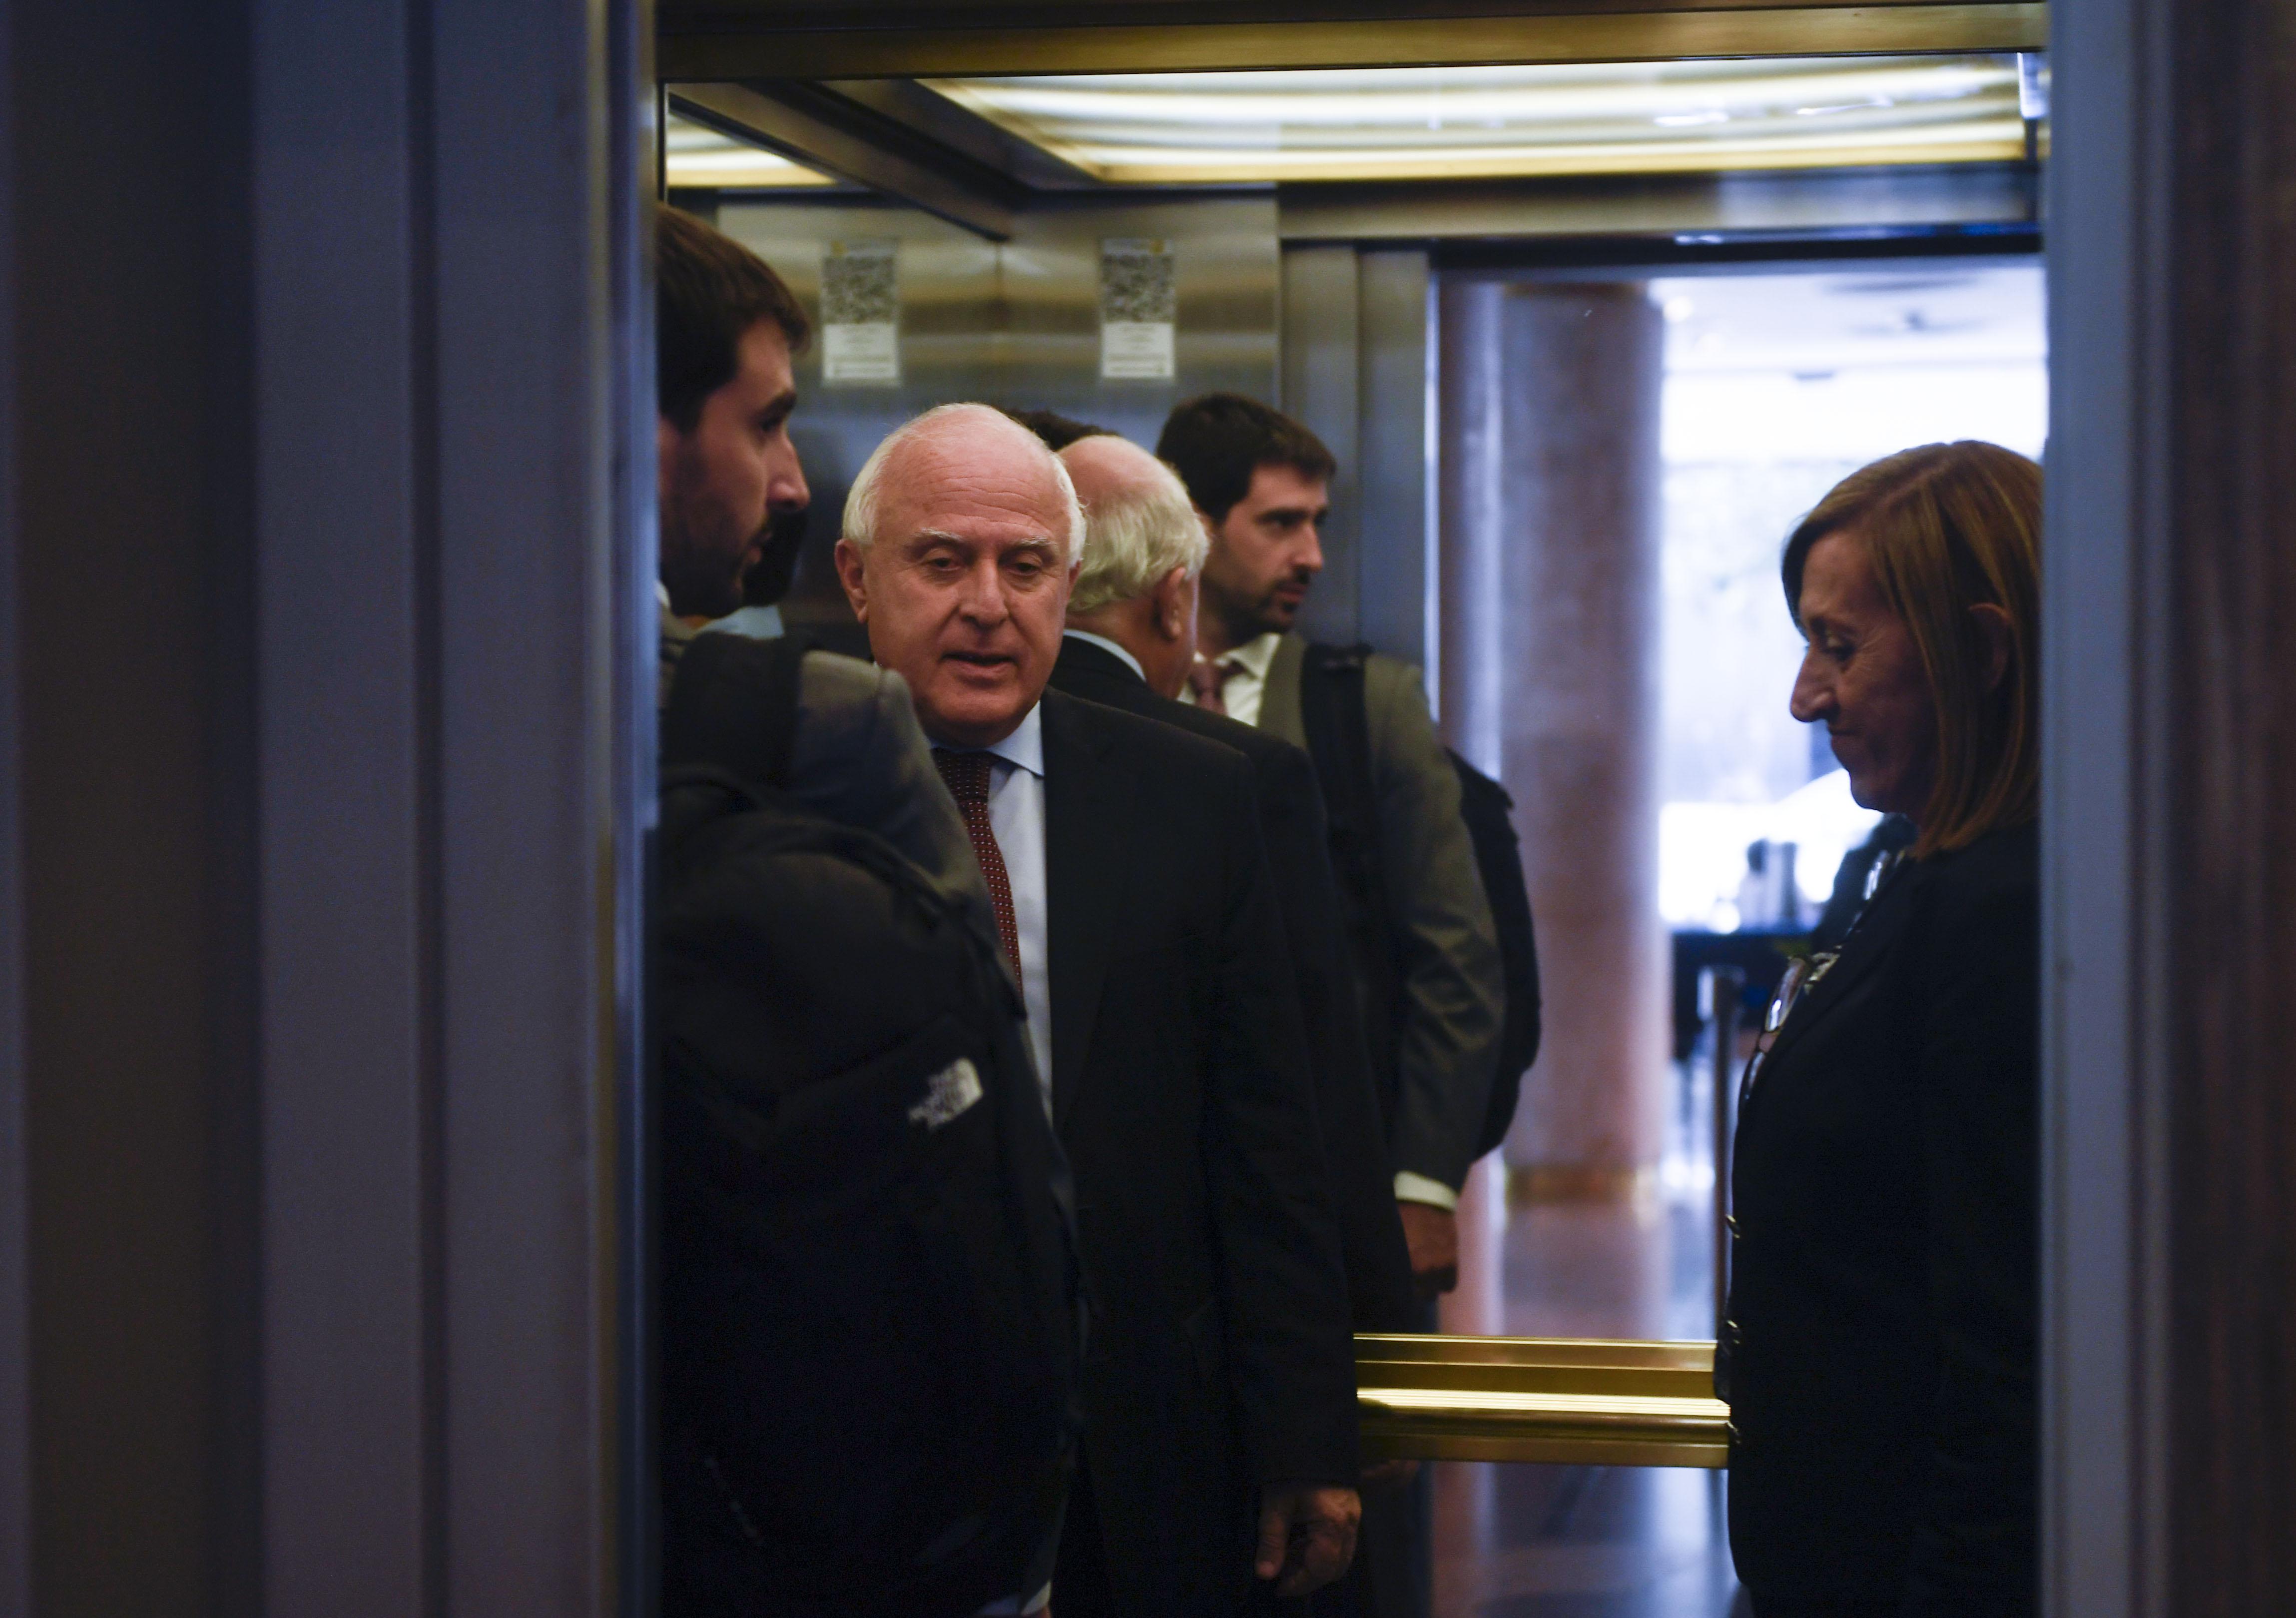 El gobernador Lifschitz al ingresar a la reunión (Télam)